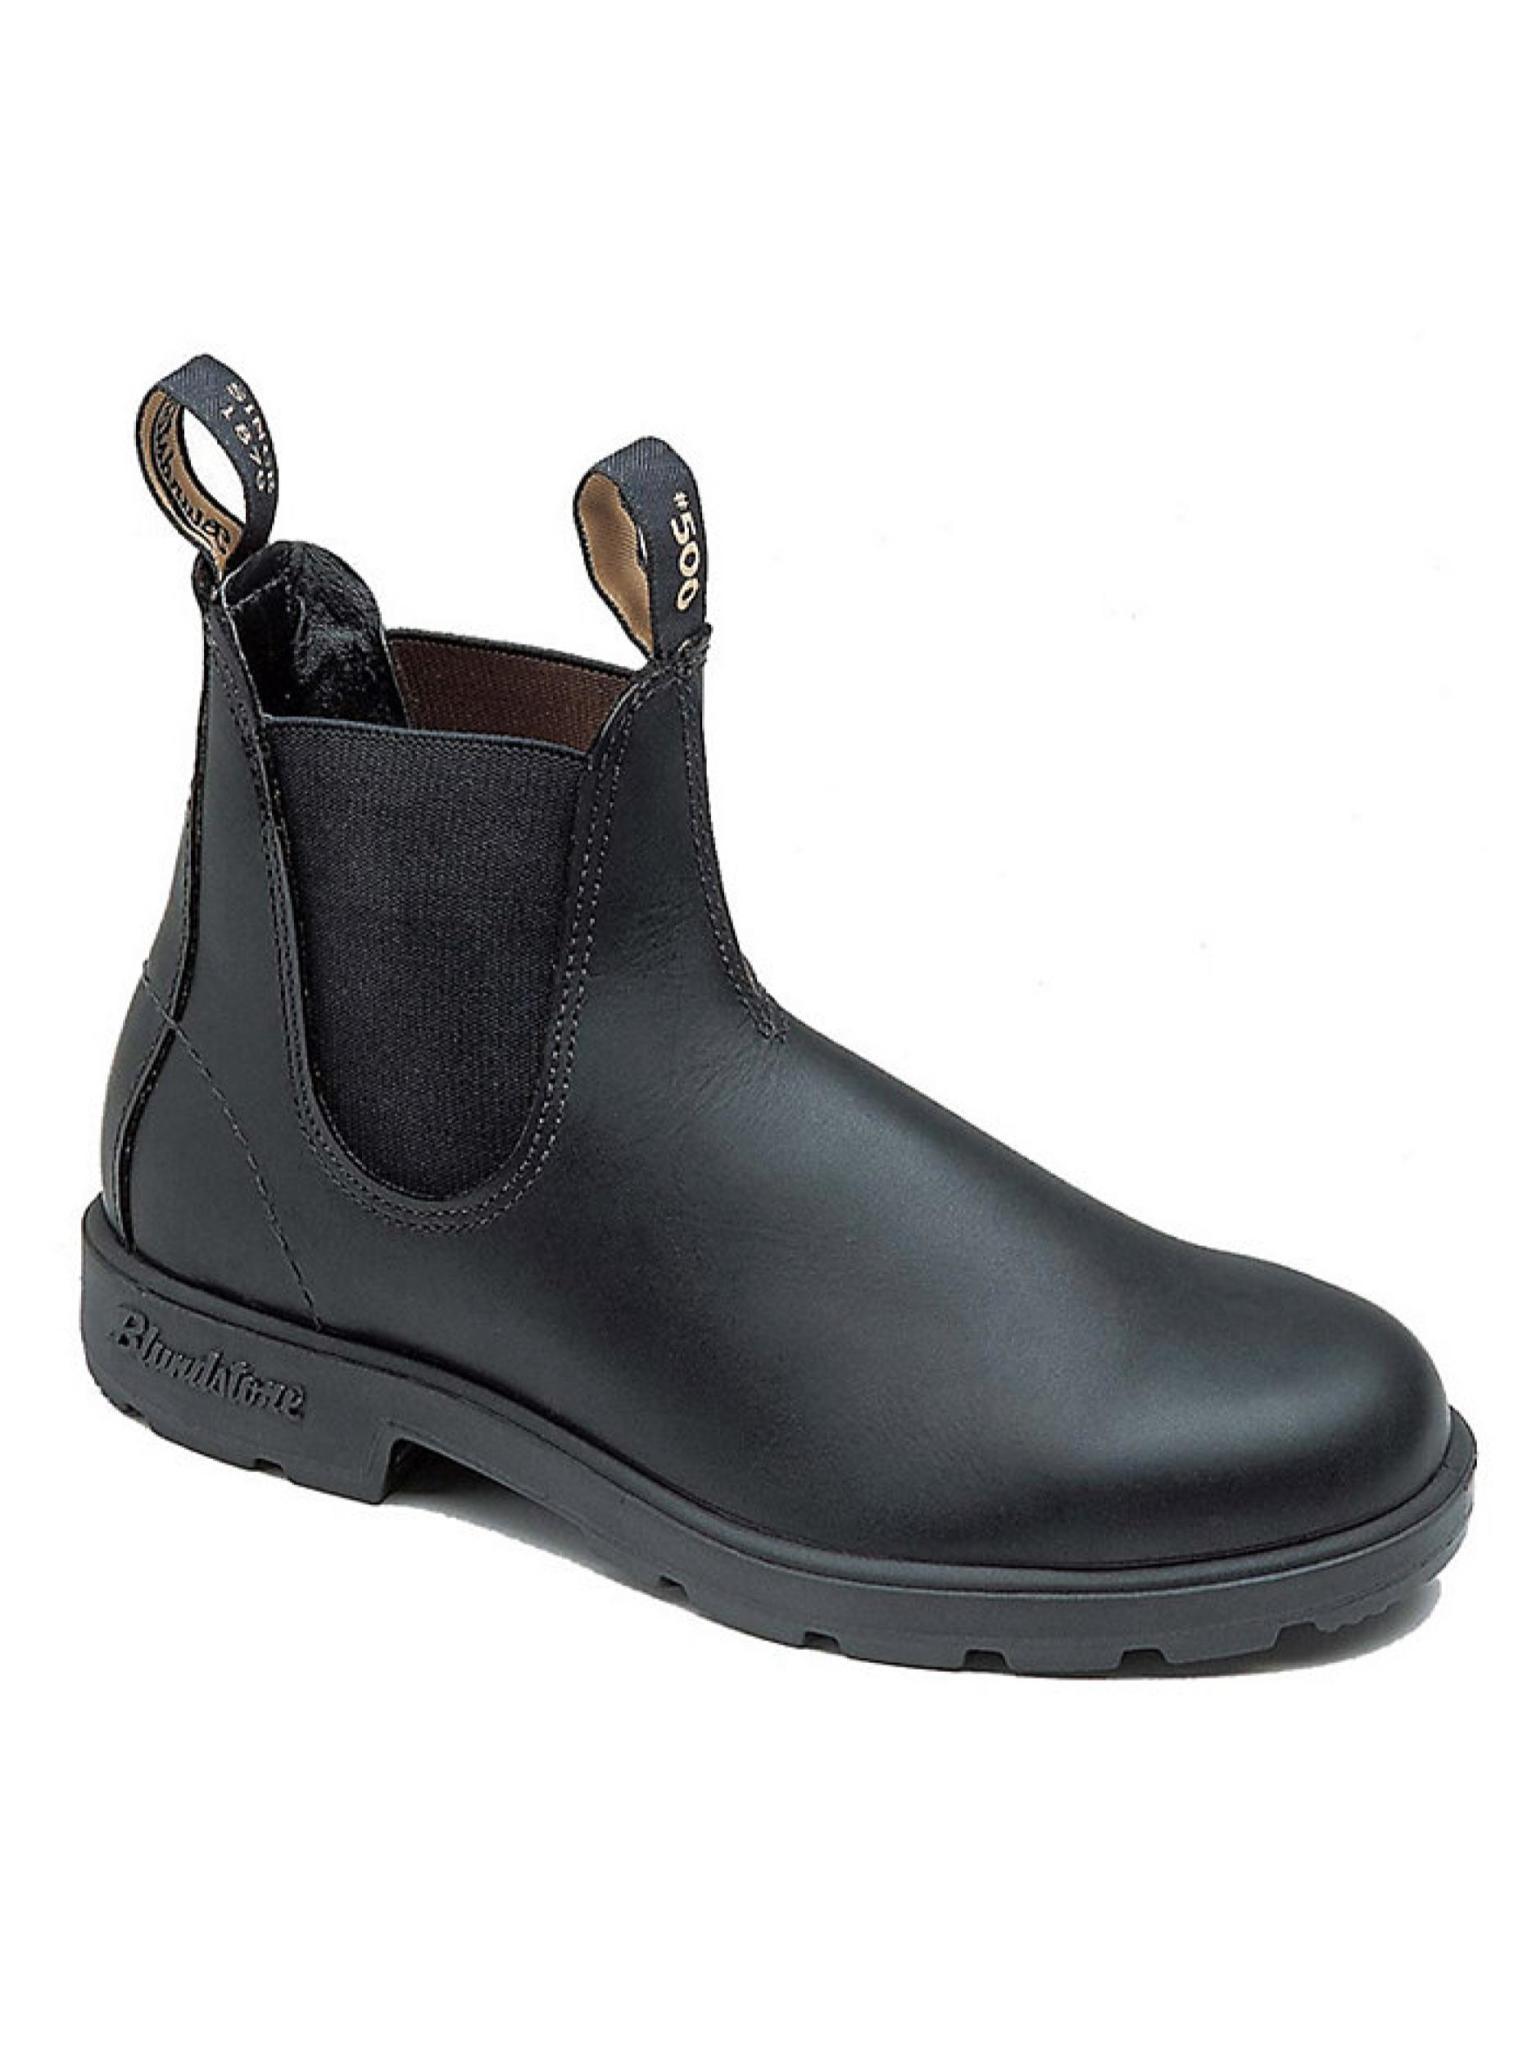 Blundstone Men's Original 510 Chelsea Boot